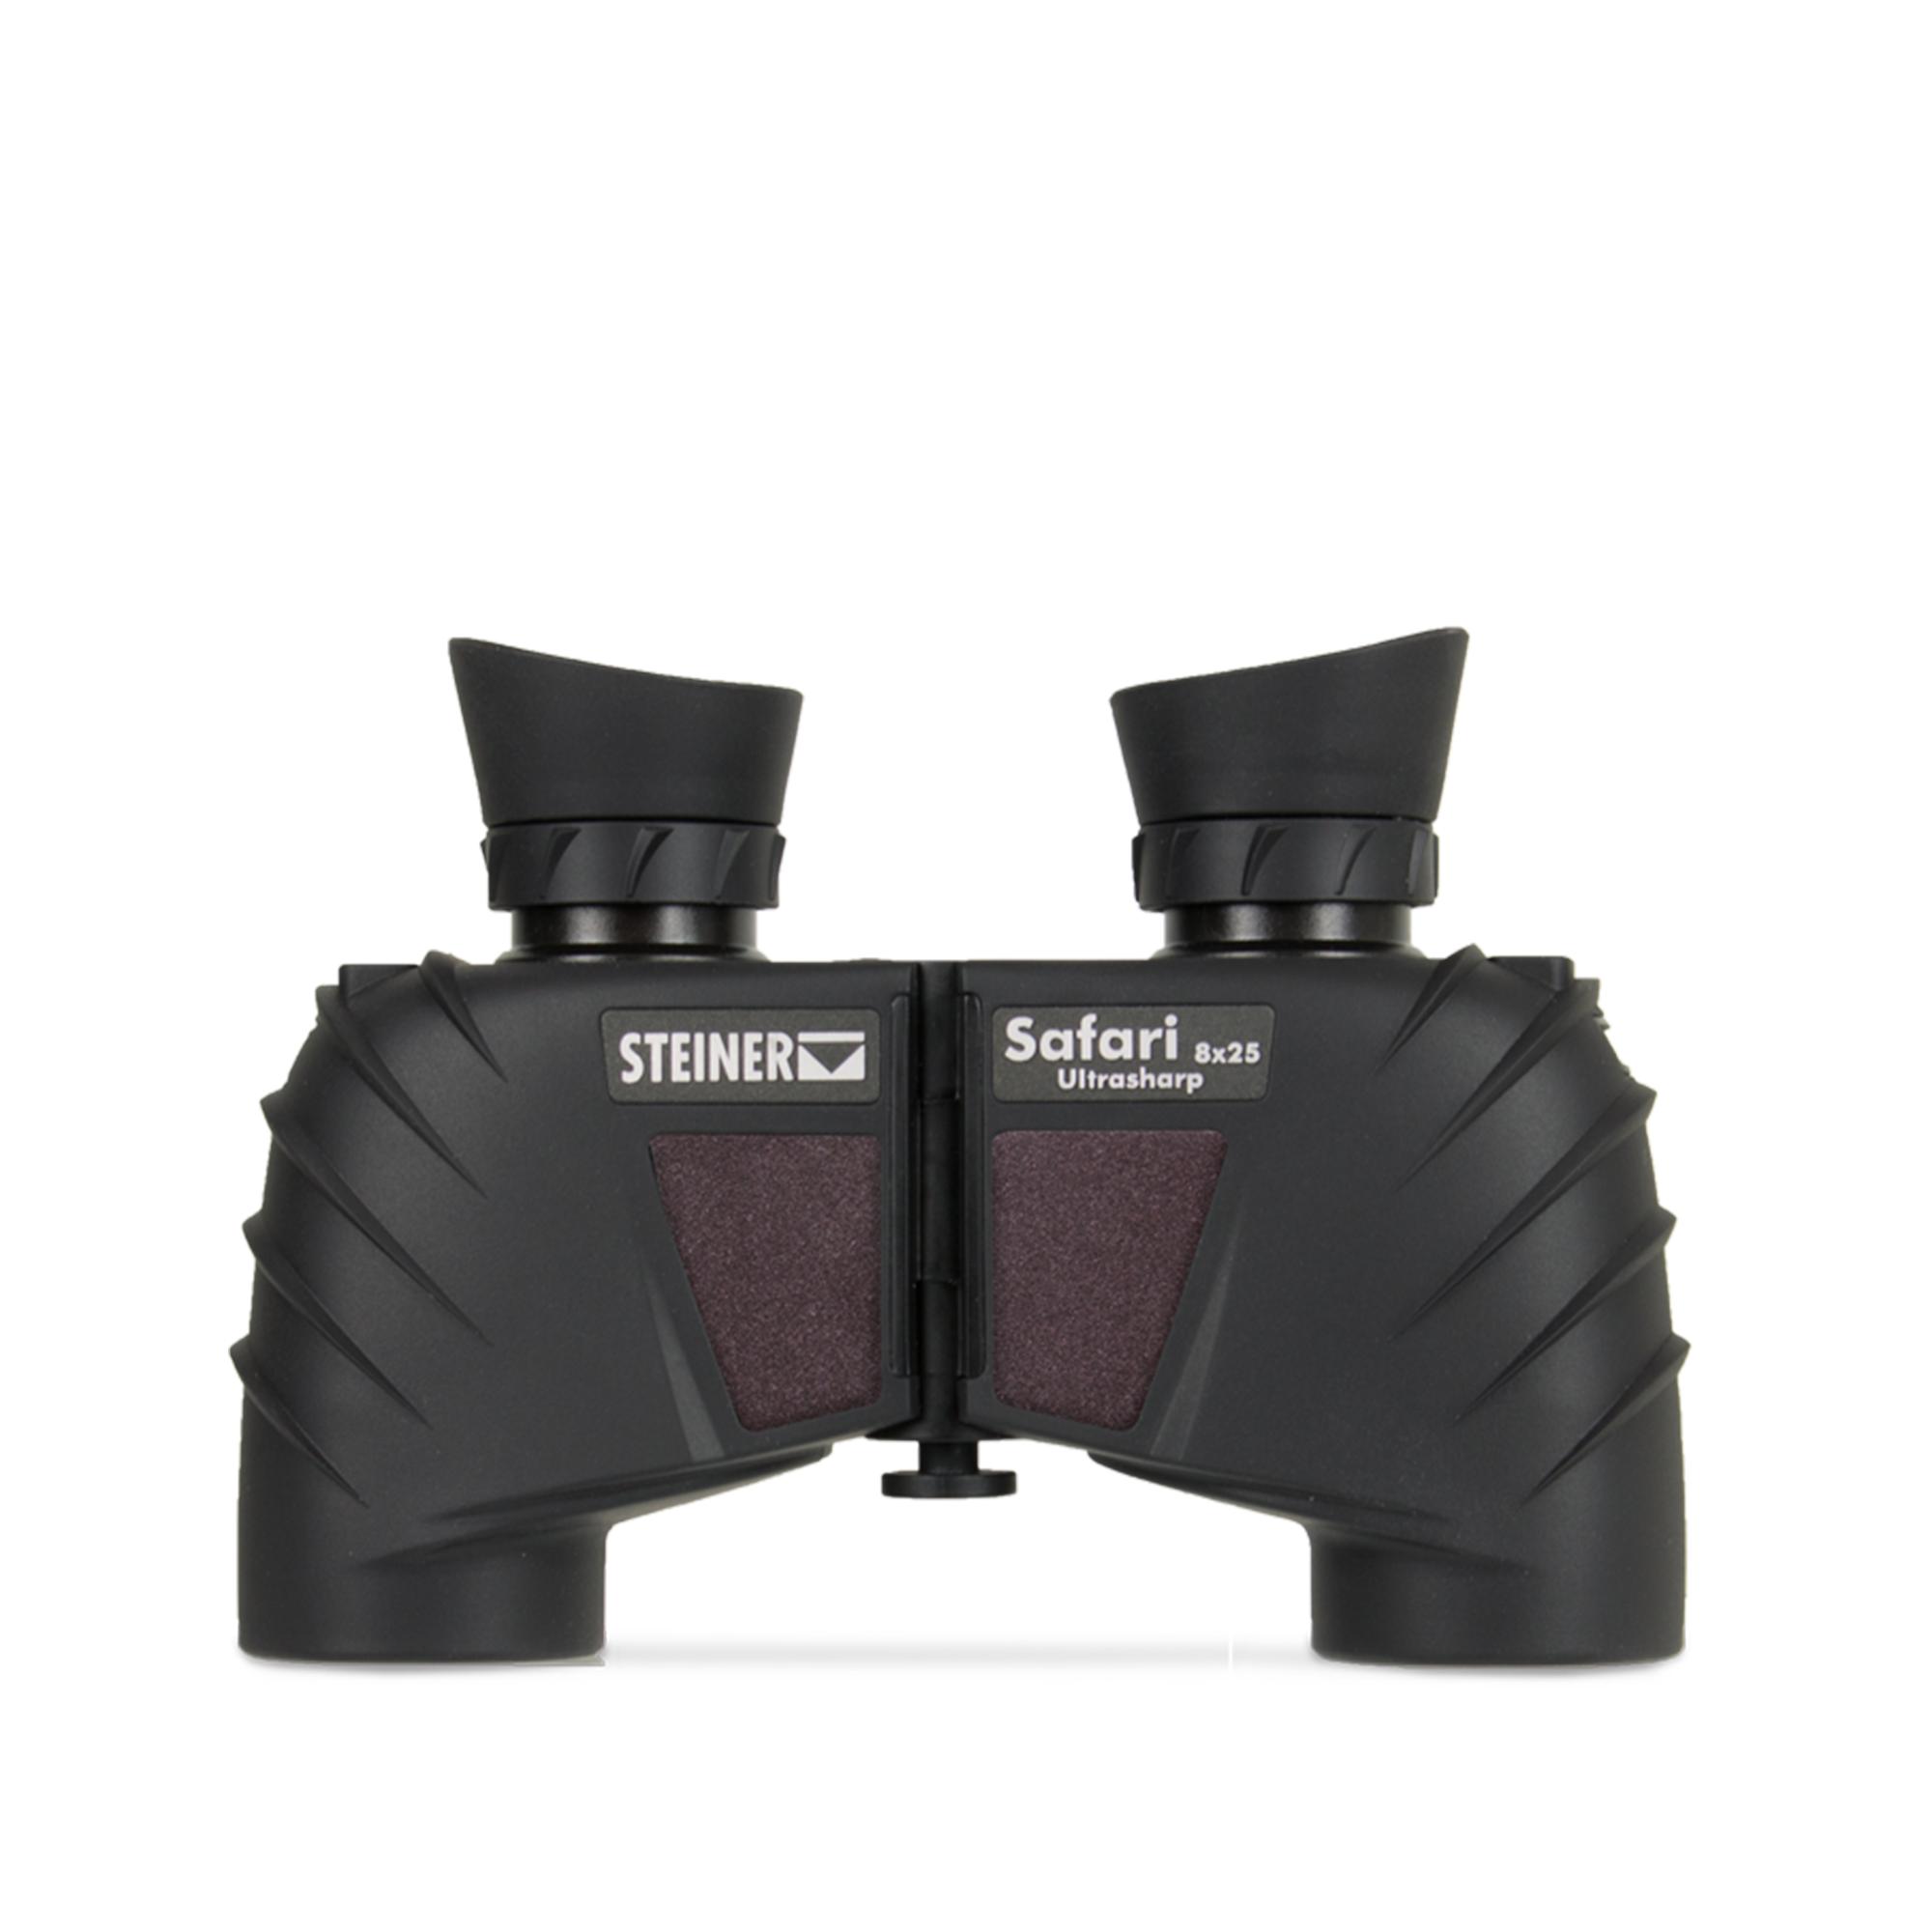 Steiner 8 x 25 Safari UltraSharp Binocular